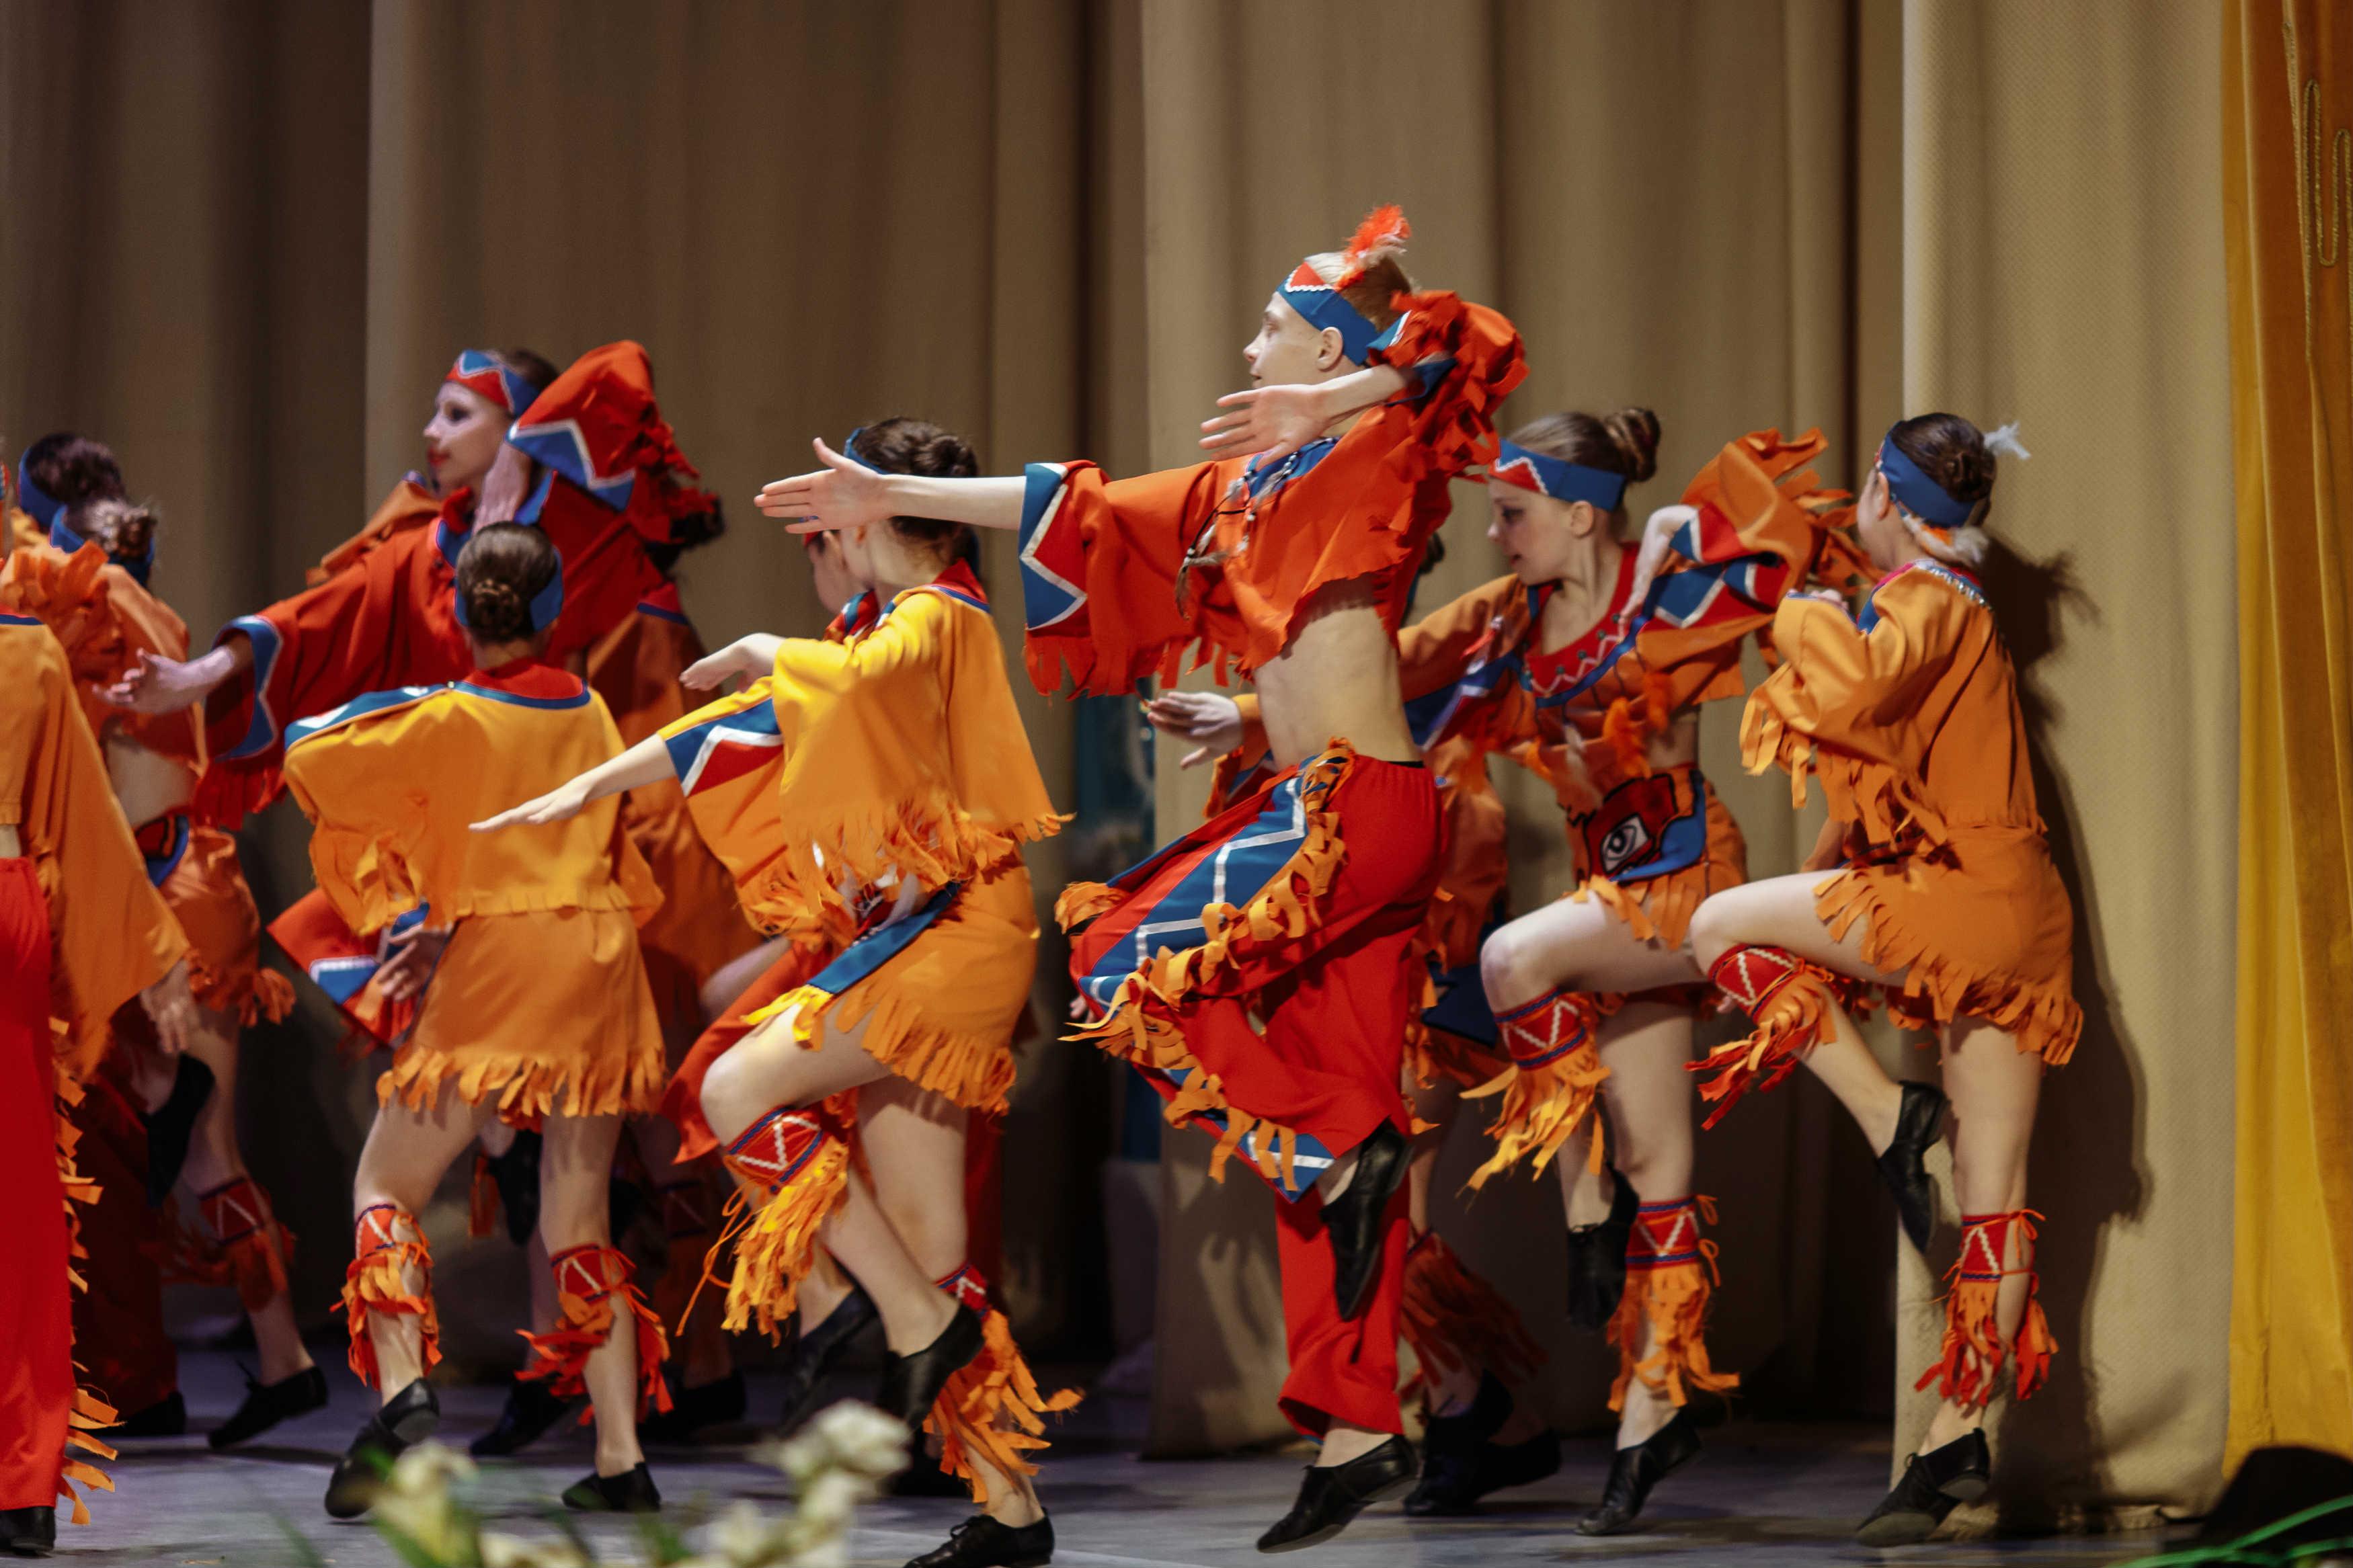 Девушки под сексуальные фото ансамбль танца женщины кончают судорогами